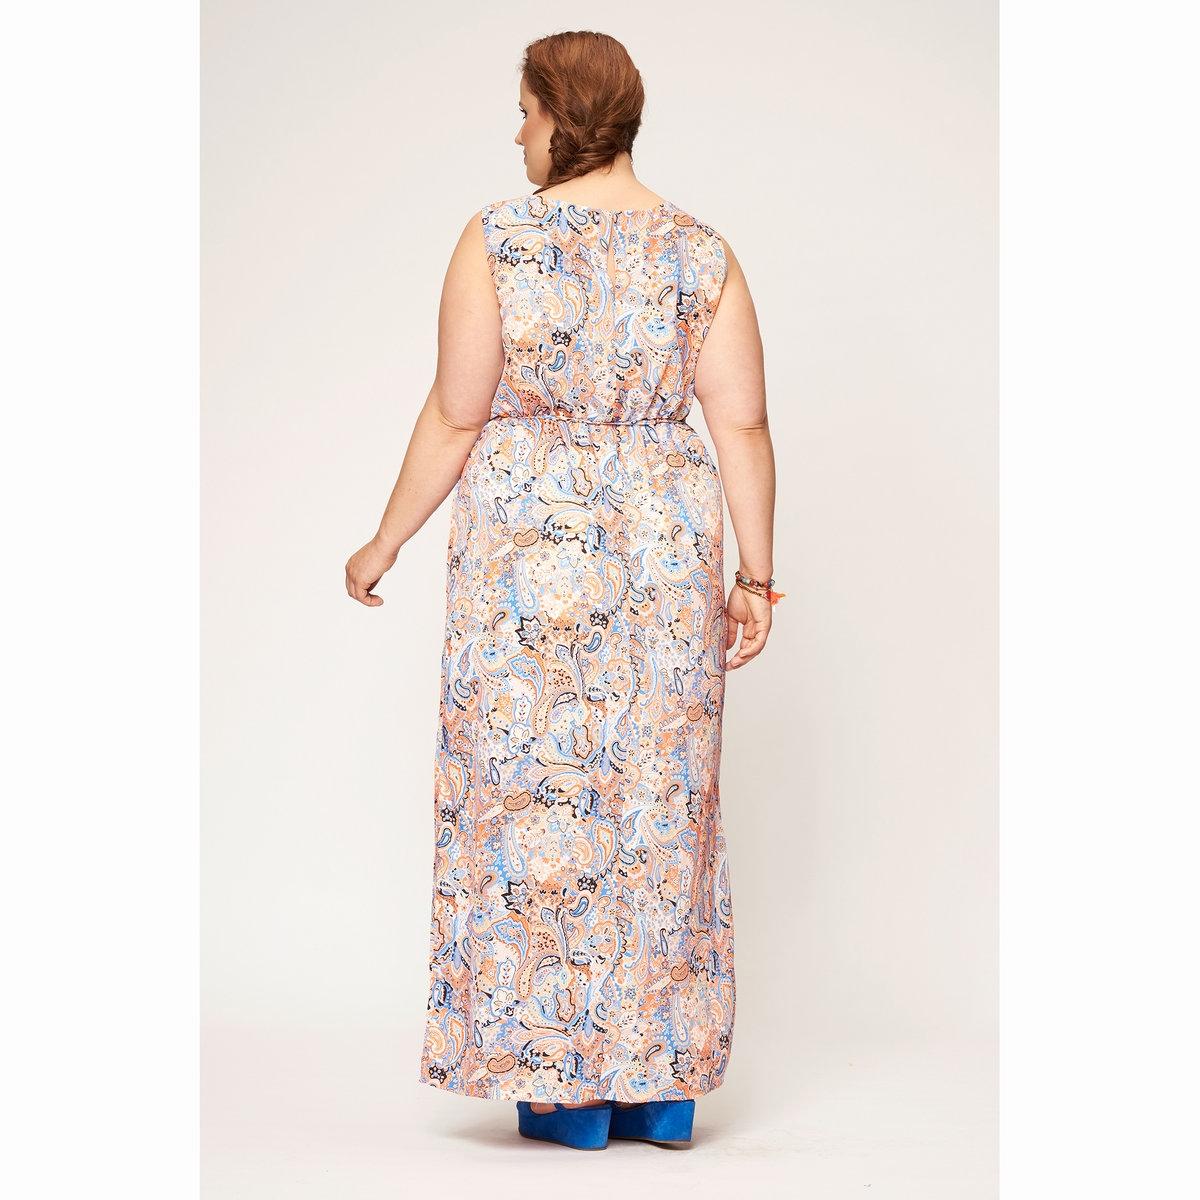 цены на Платье длинное в интернет-магазинах